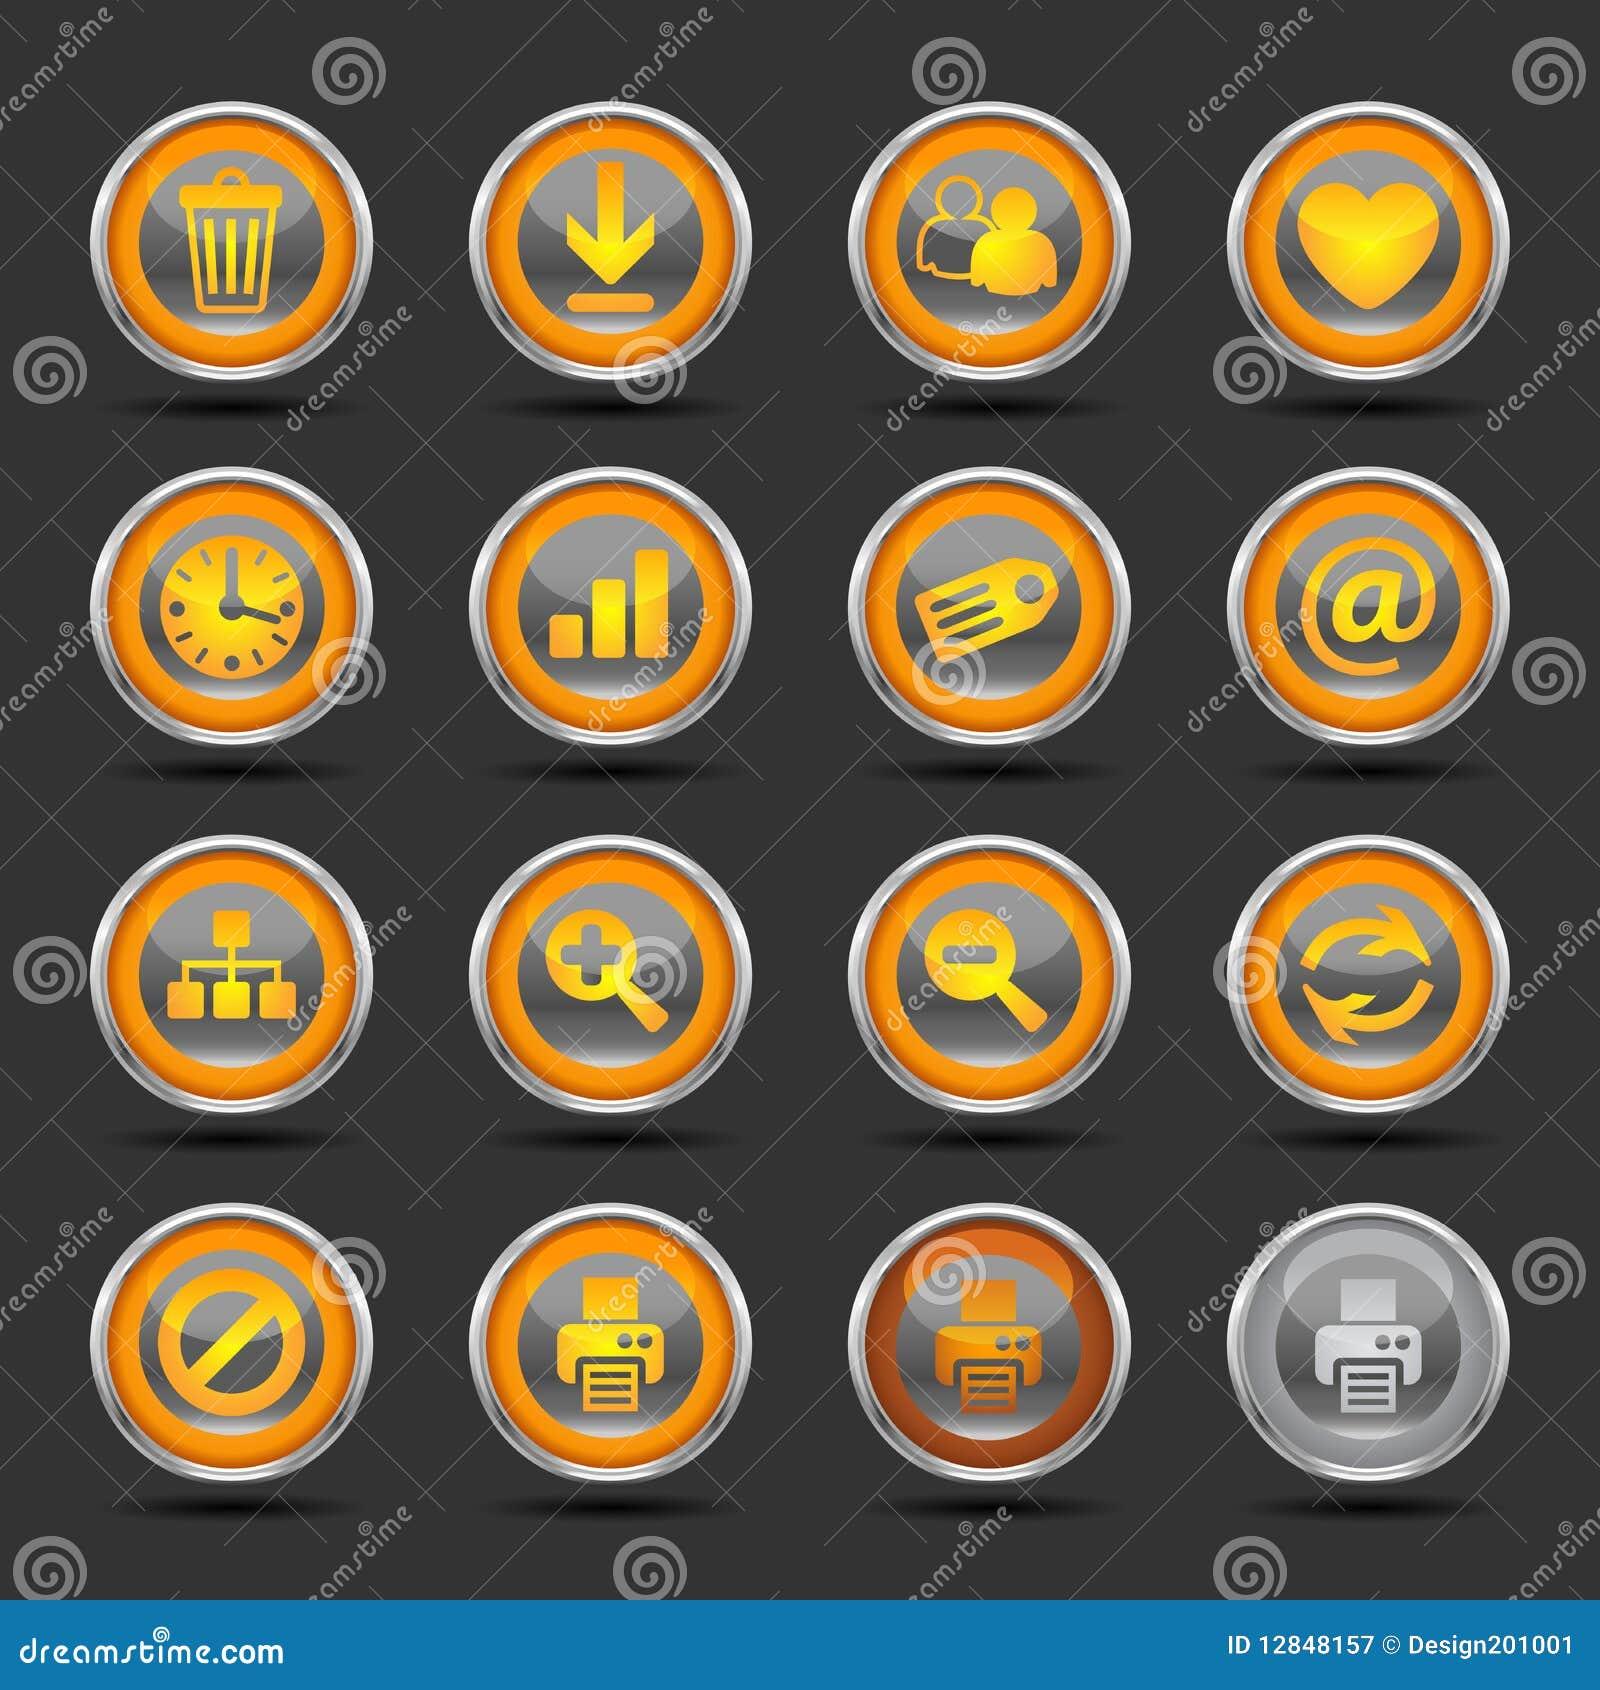 Shiny Orange Icons Set 2 - Web